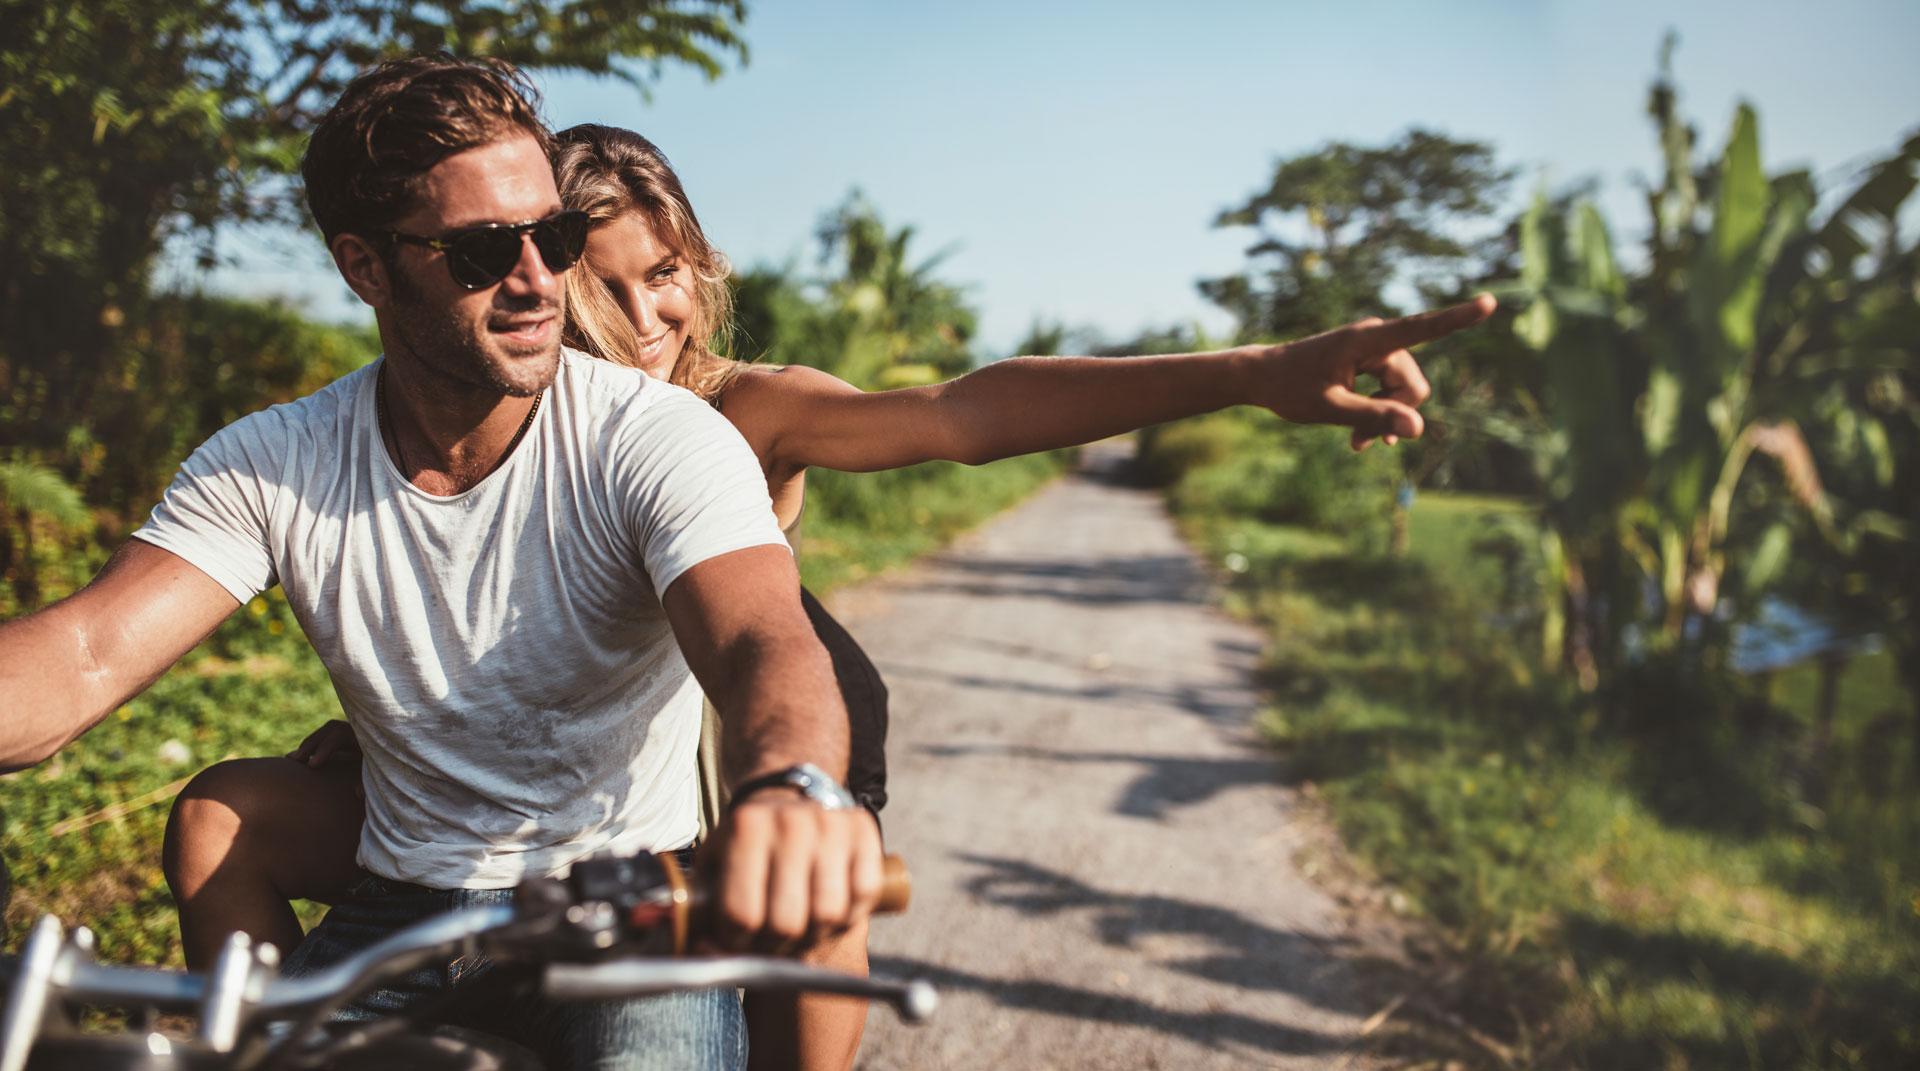 couple moto sun